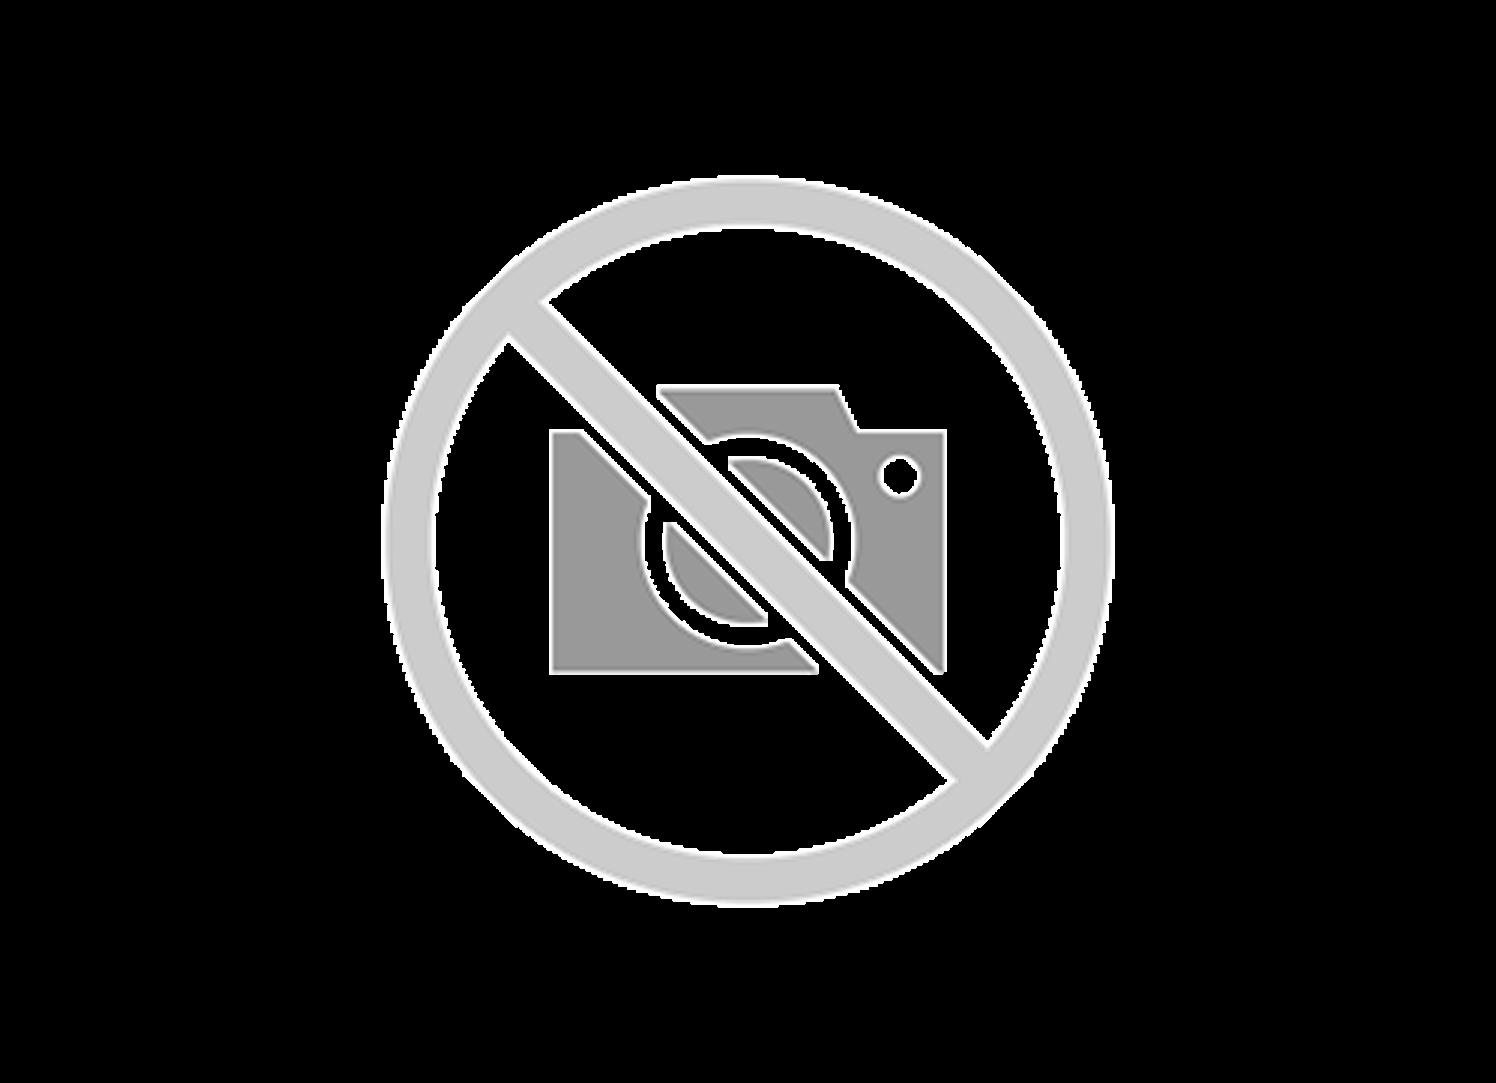 Кран букса для смесителя виды: керамическая или стальная +видео